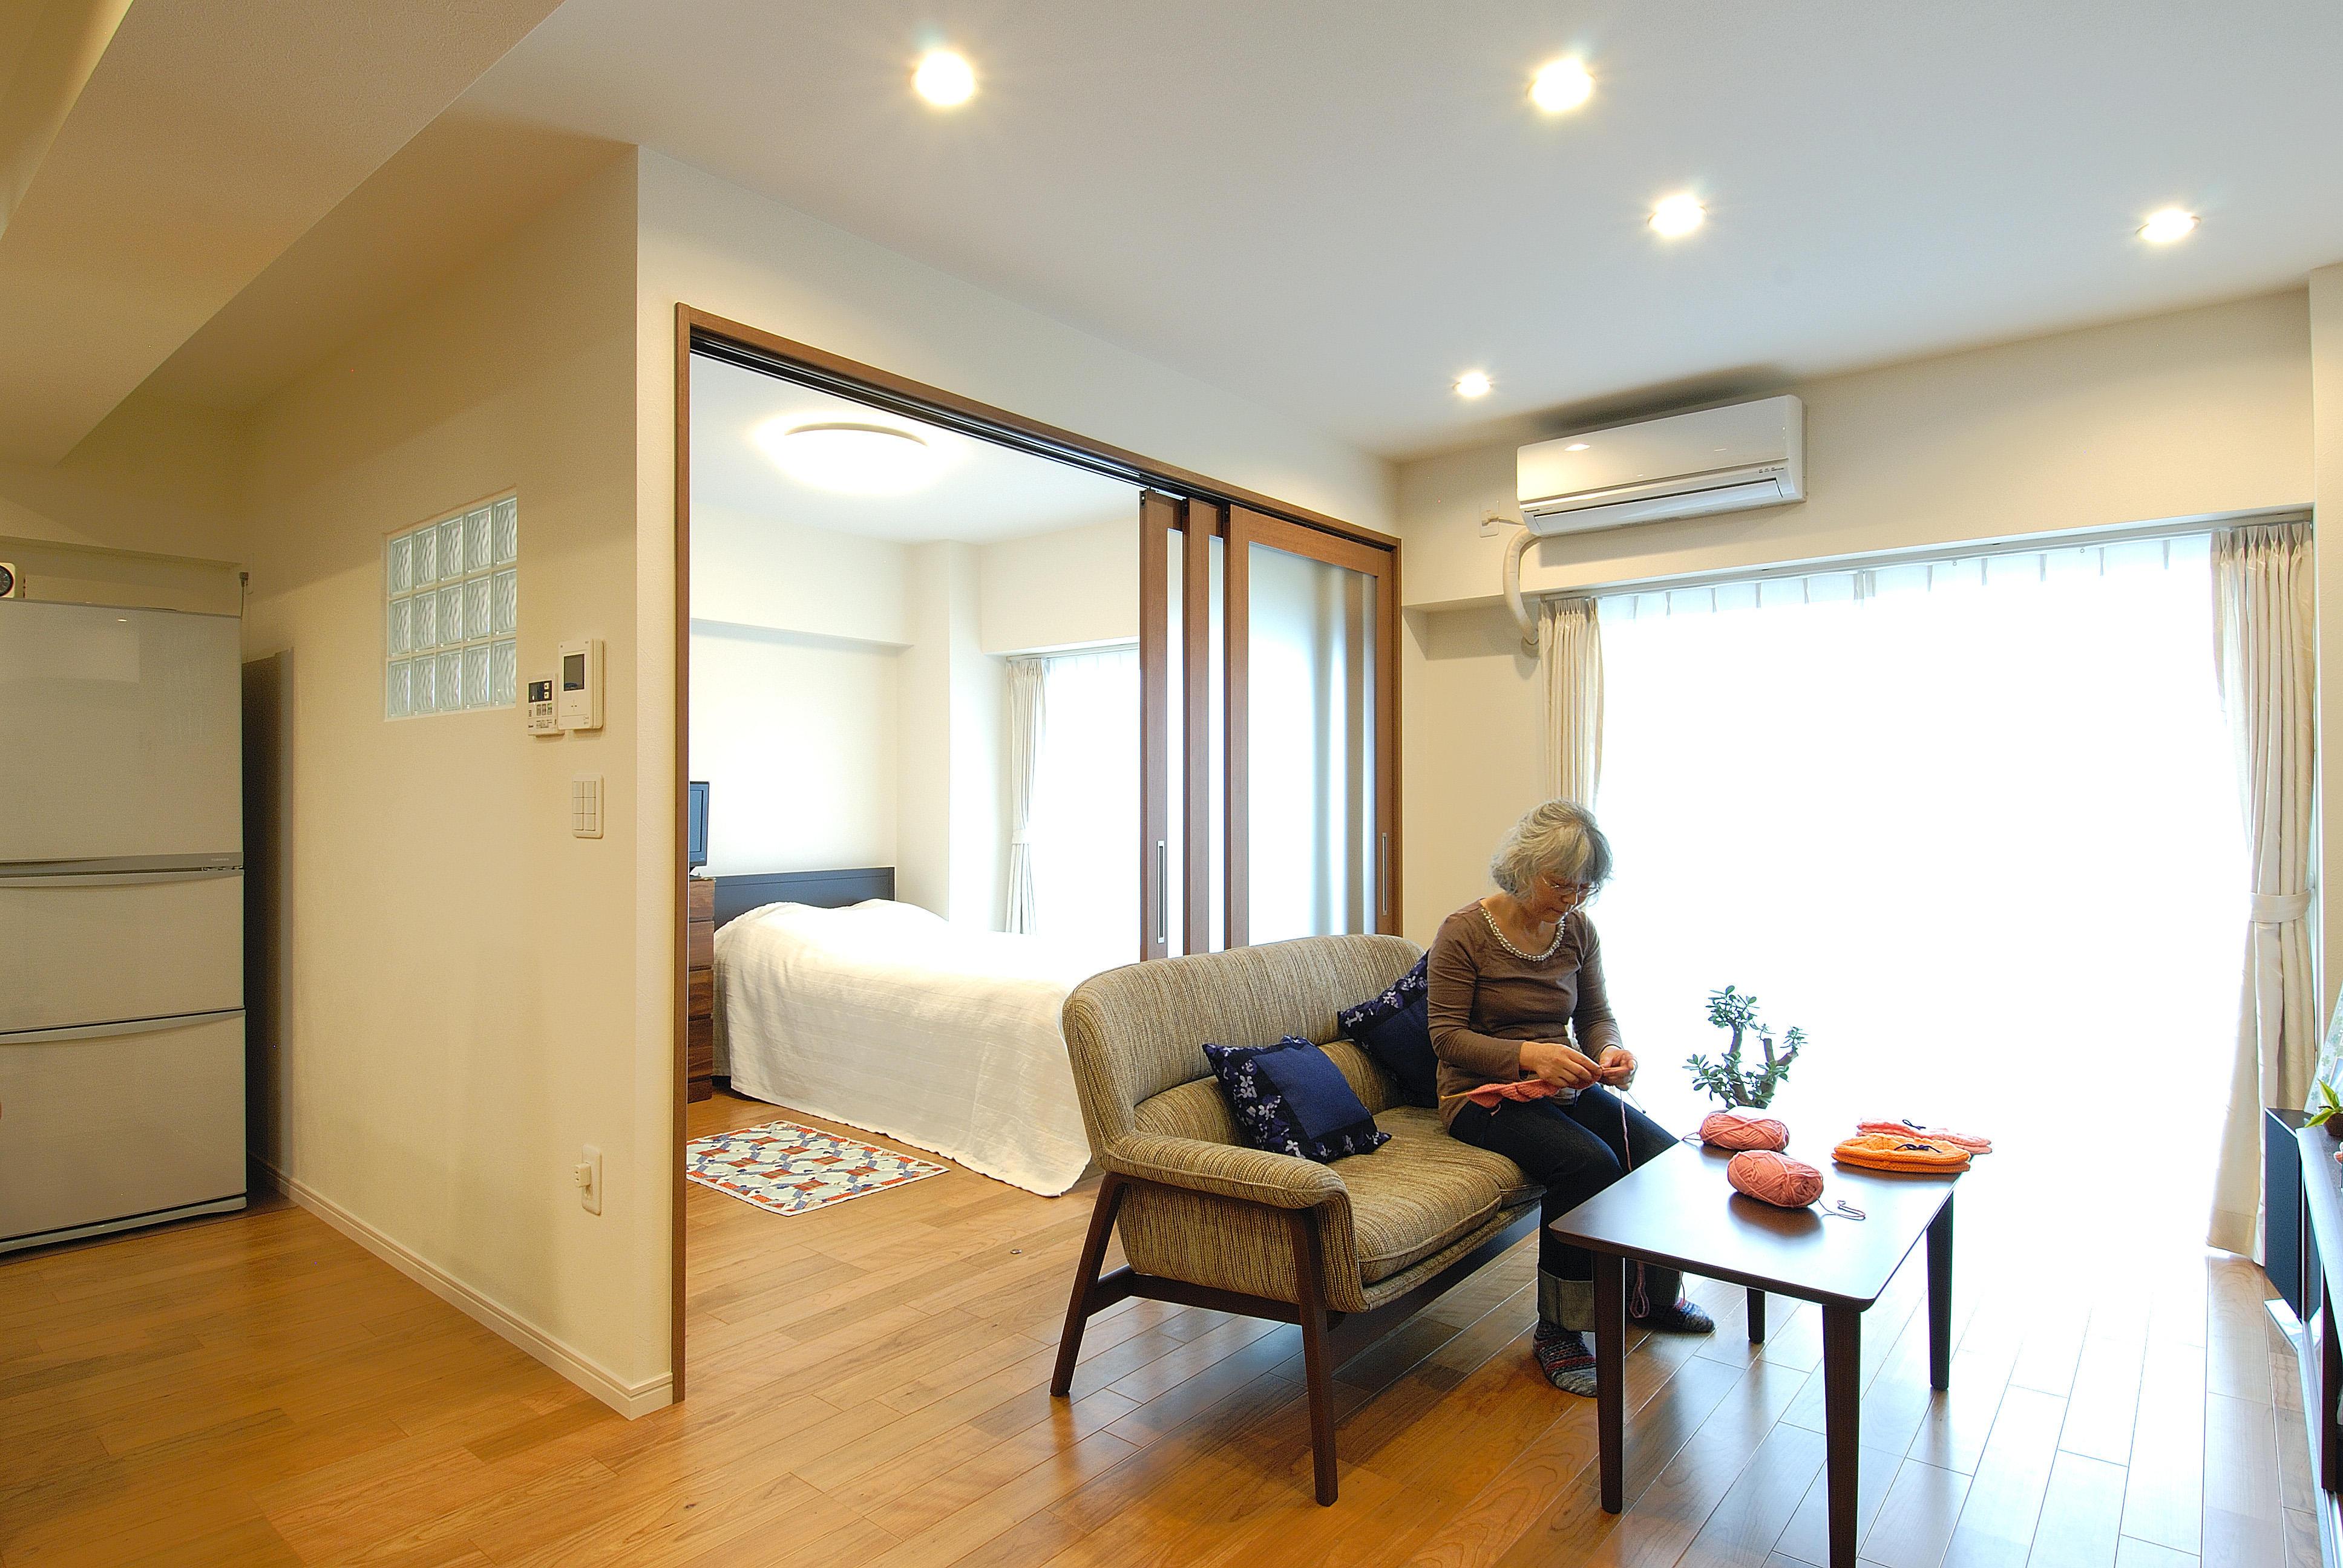 寝室とつながる段差が解消された広々リビング。